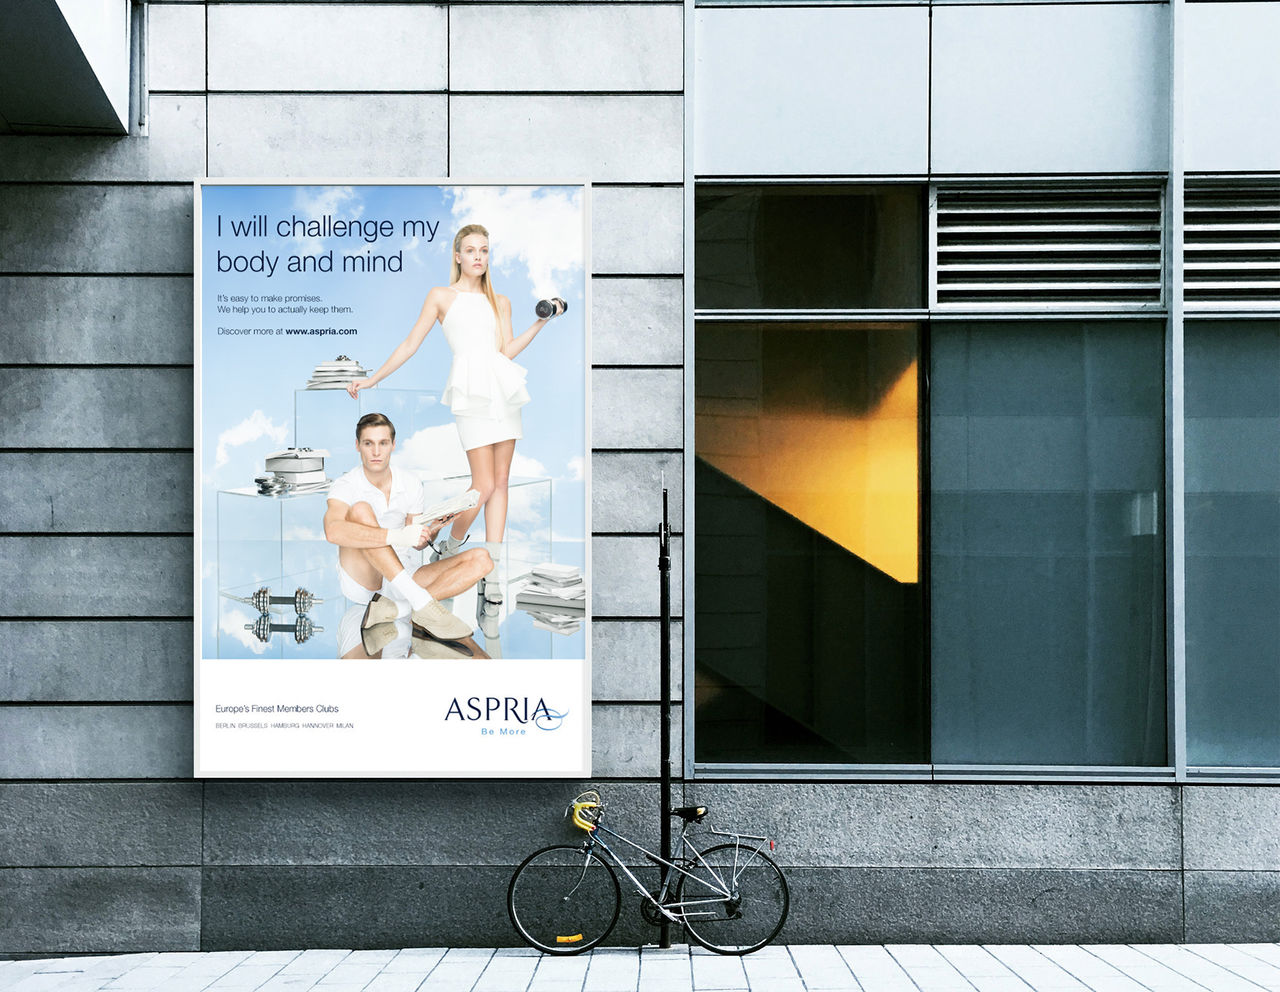 Aspria publicité affichage